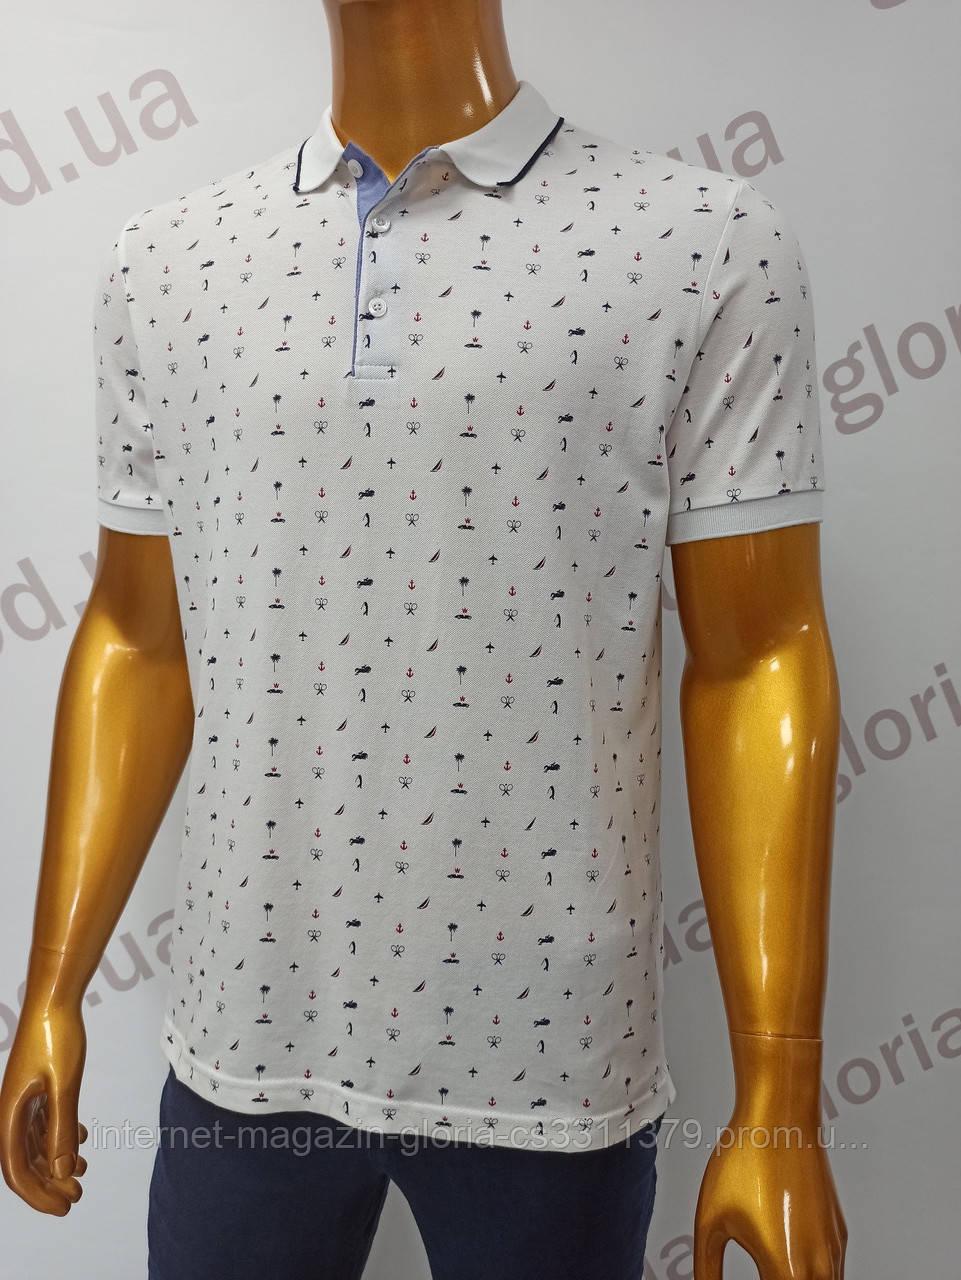 Мужская футболка поло Tony Montana. PSL-2405b (tmp241-8). Размеры: M,L,XL,XXL.